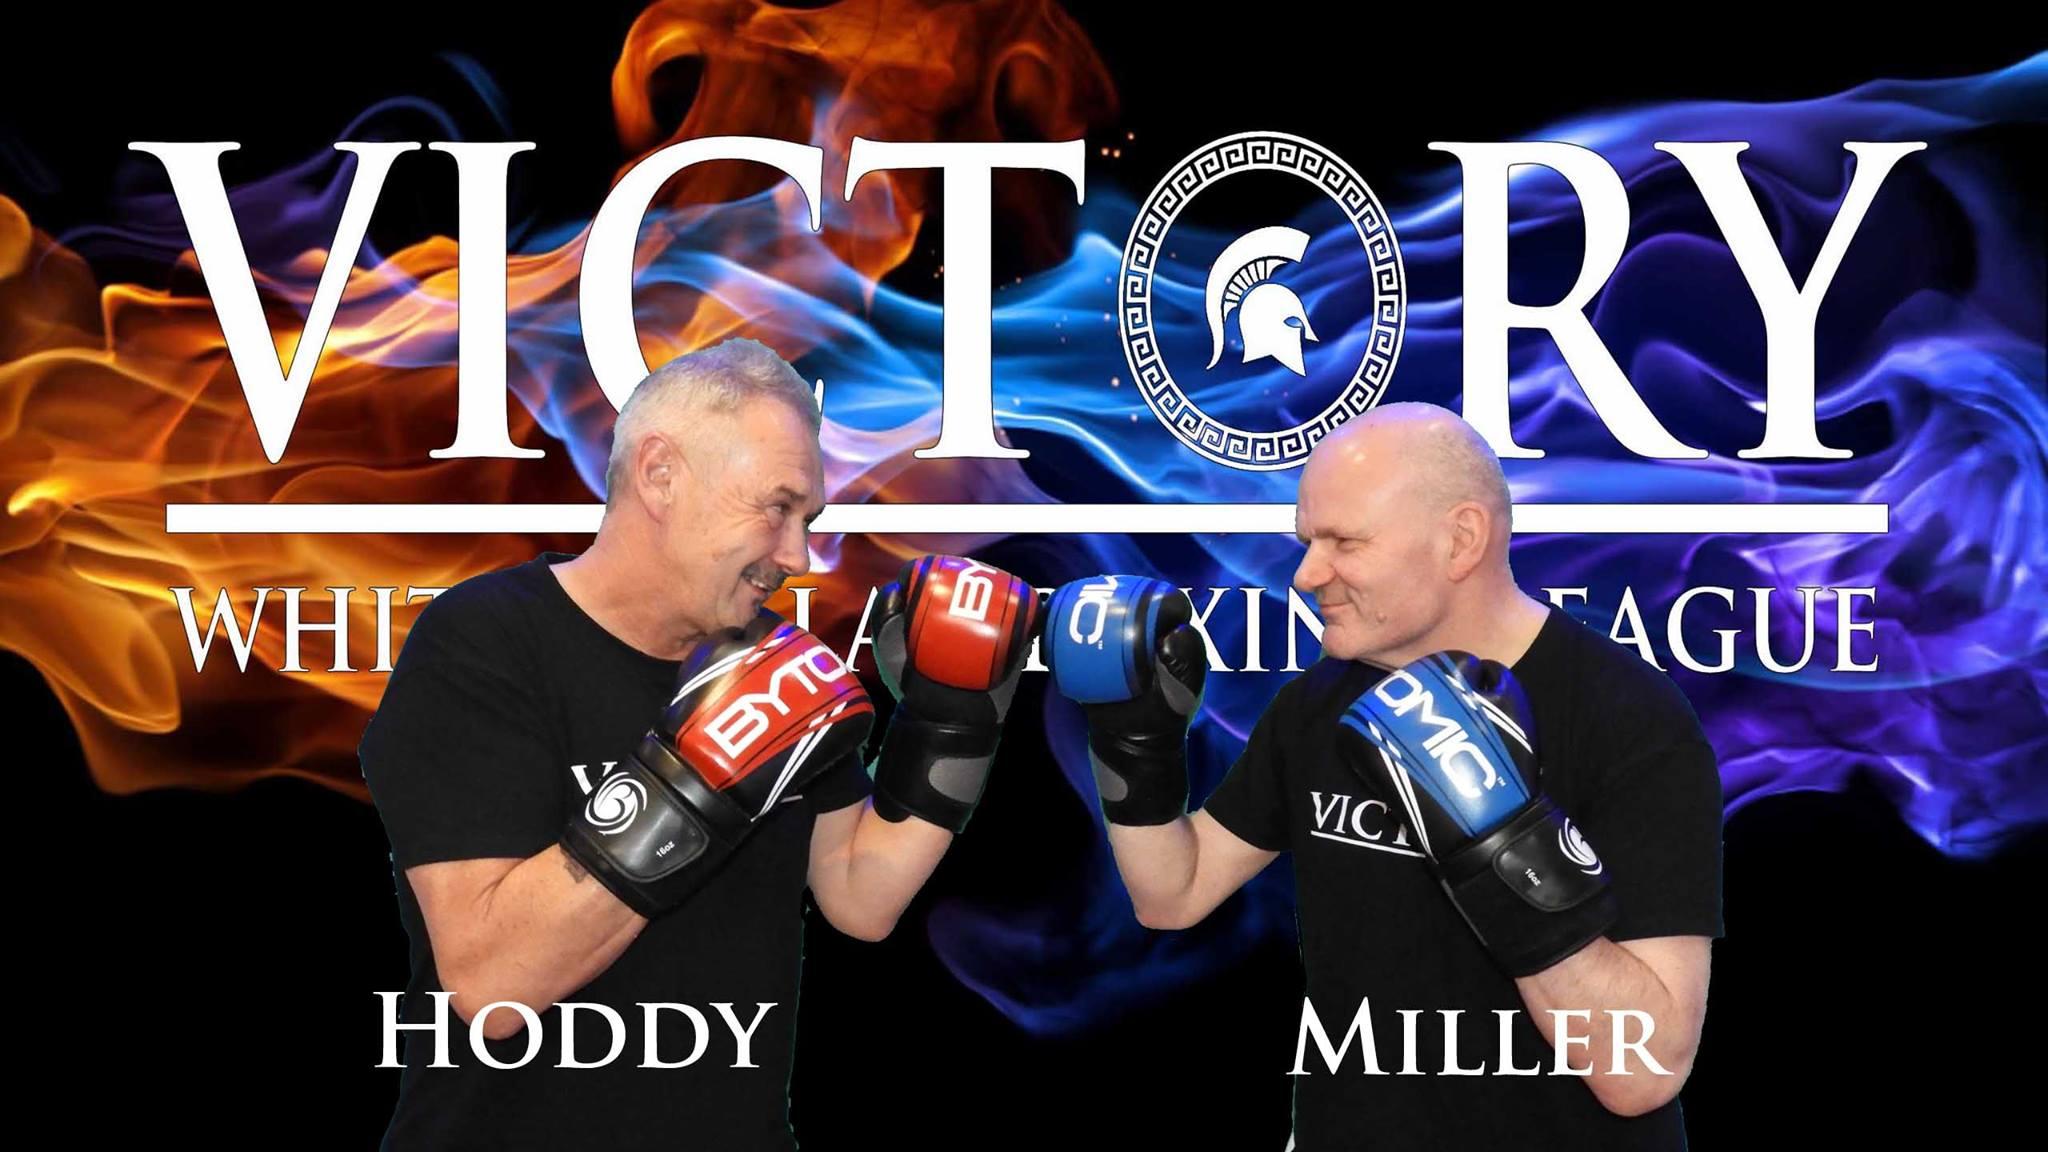 Hoddy:Miller